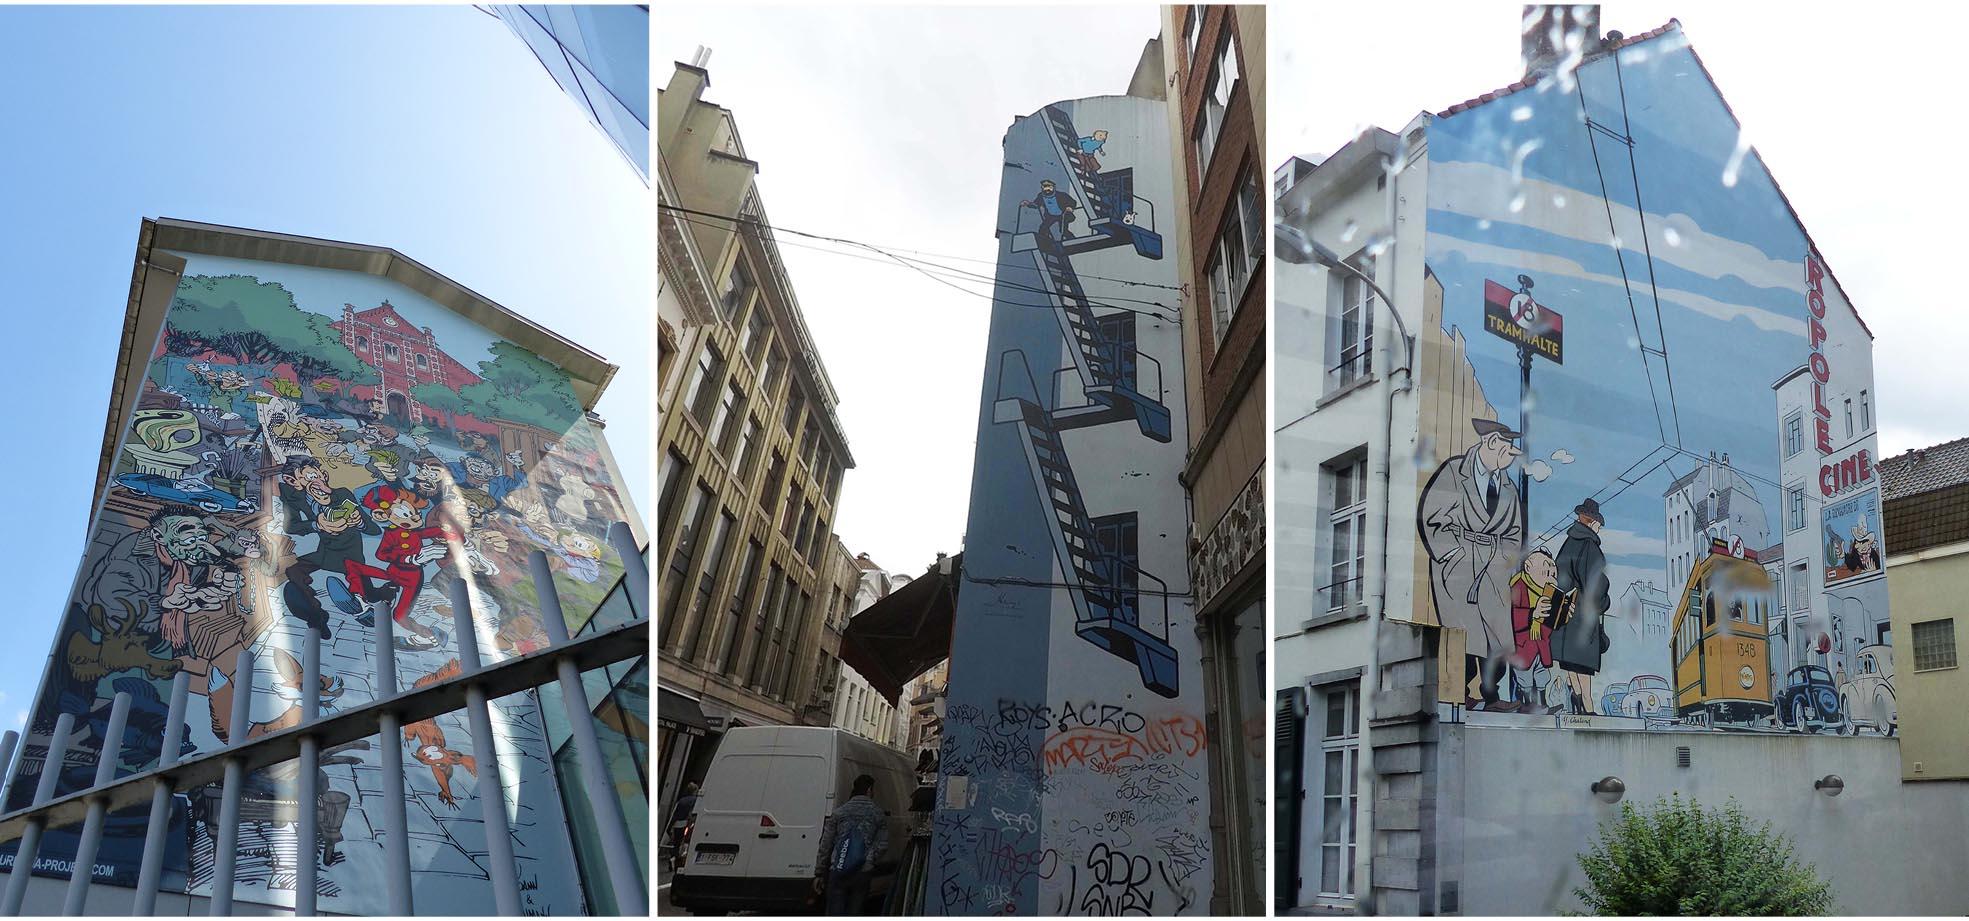 Bruxelles, europe, Belgique, street art, art, immeuble